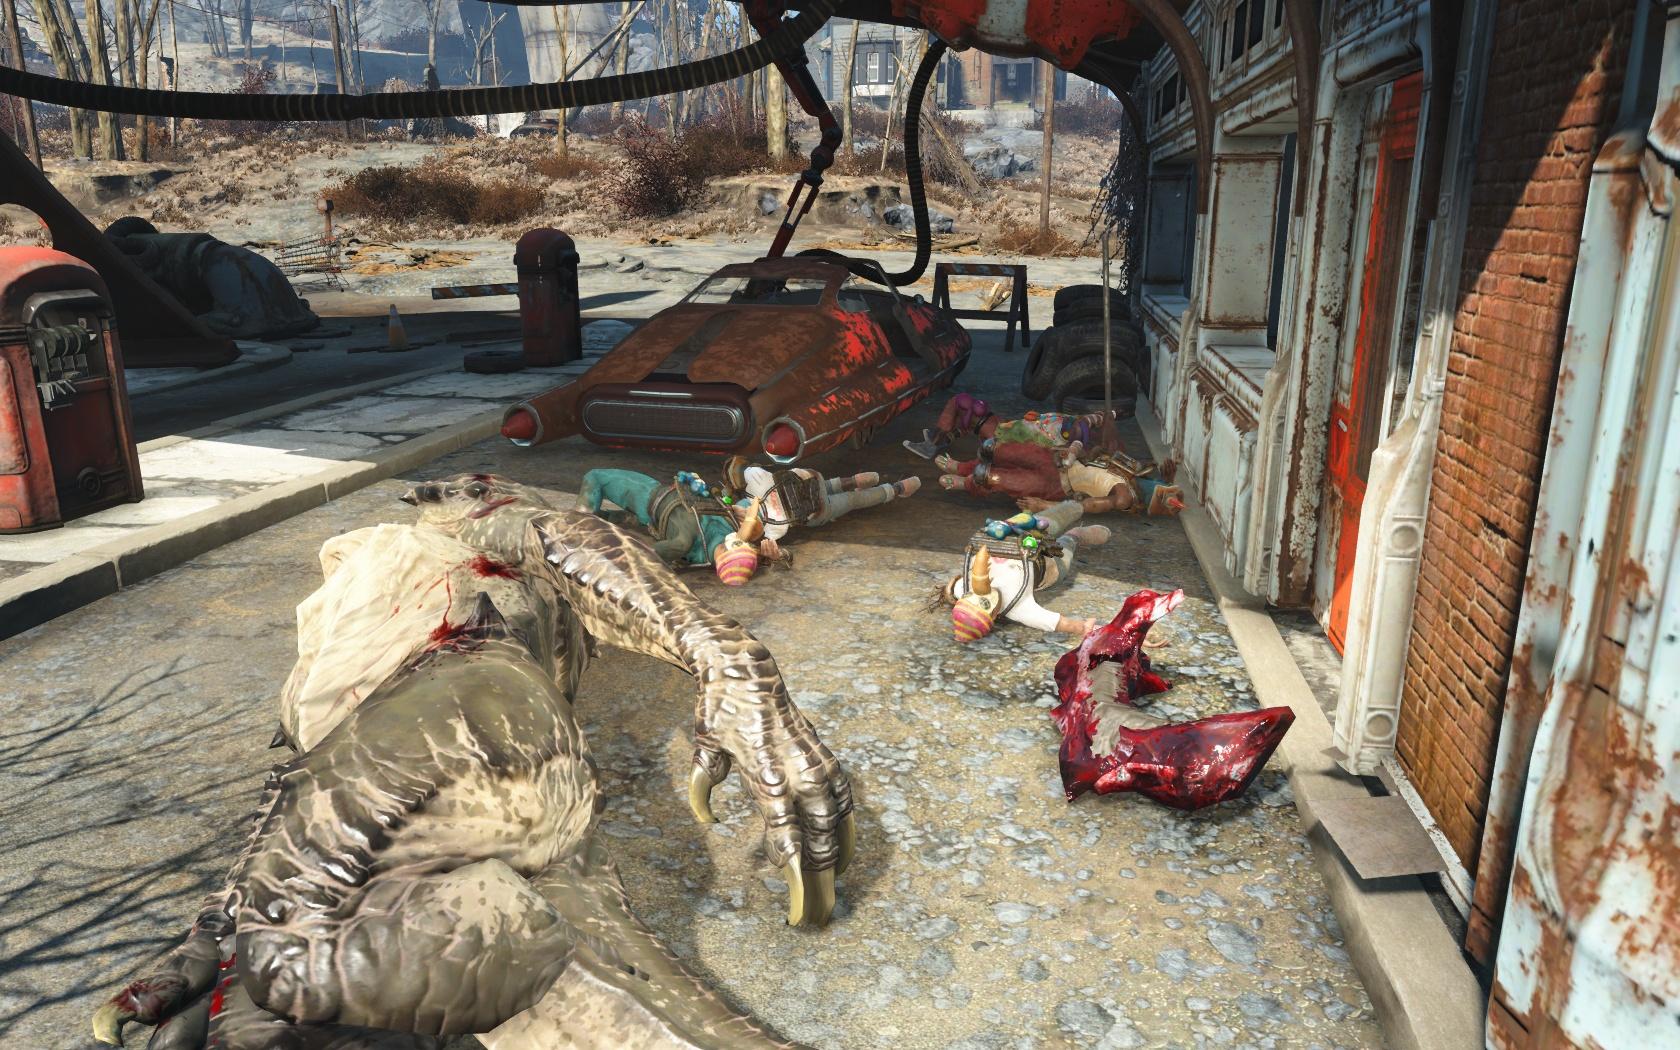 Коготок вынес всю Стаю (около Административного здания колледжа) - Fallout 4 Административное здание колледжа, Коготь, колледж, Стая